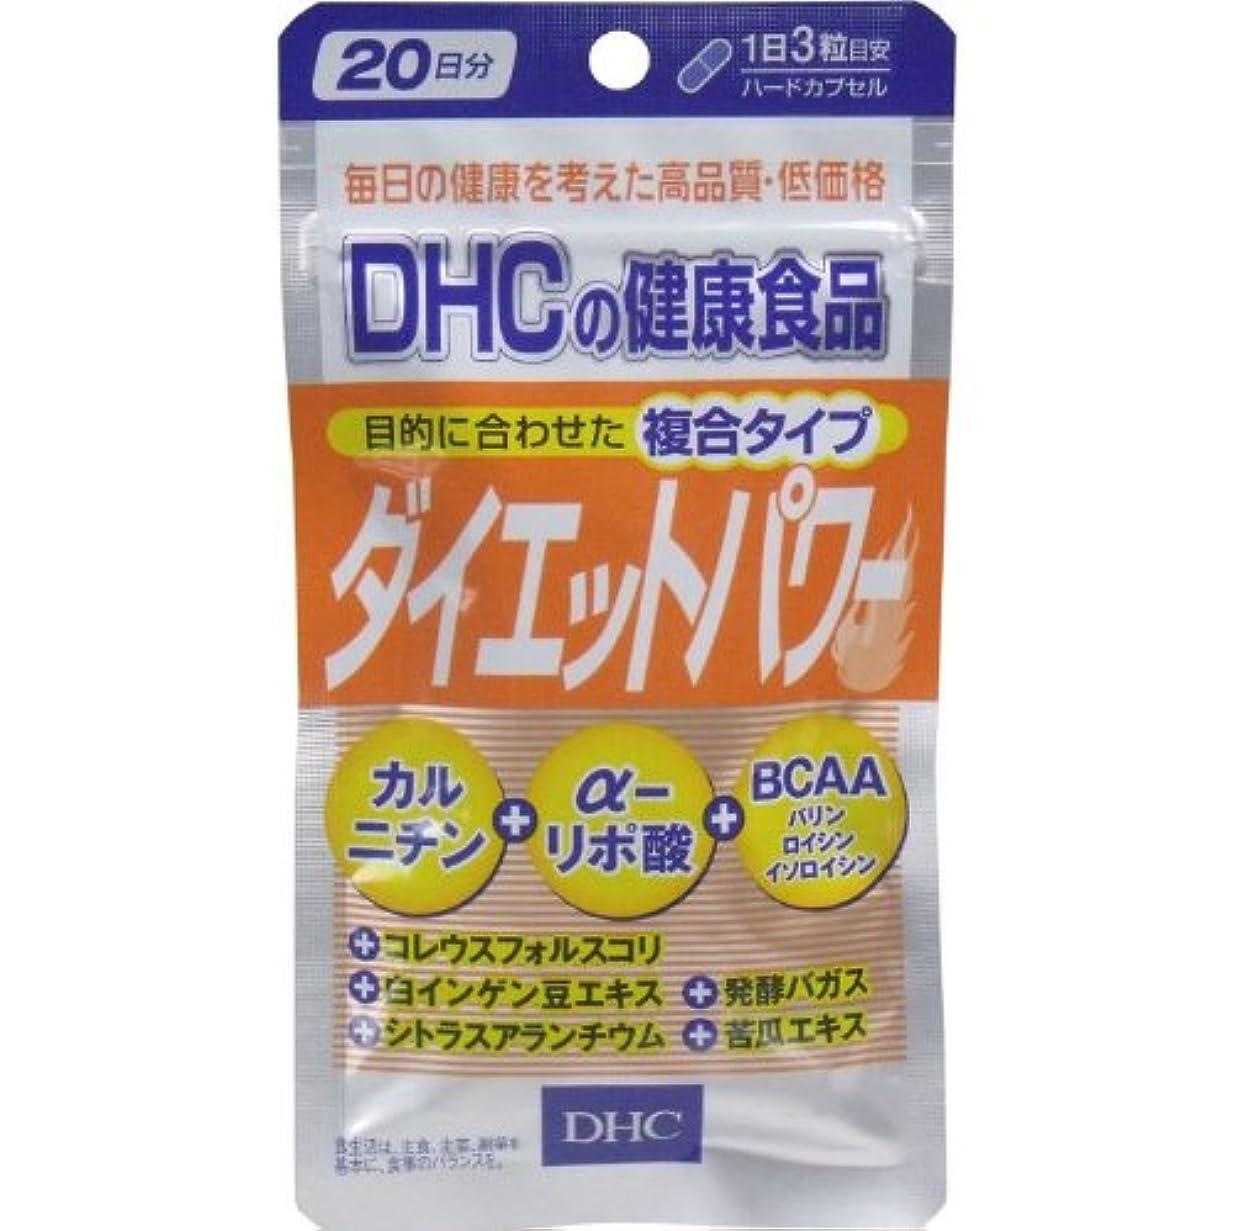 発見タブレット印象DHC ダイエットパワー 60粒入 20日分【4個セット】